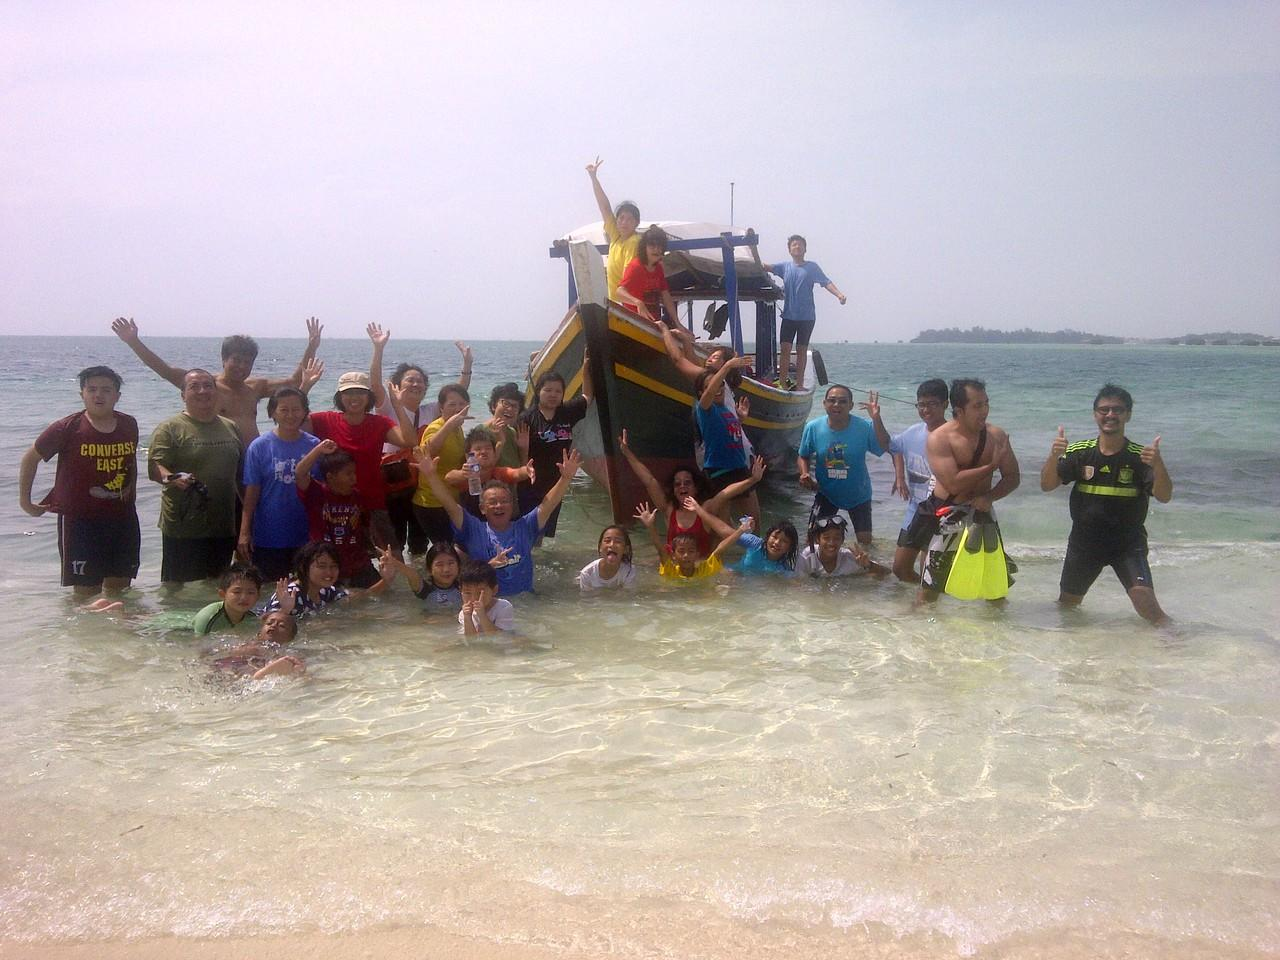 Paket Pulau Pari, Travel Pulau Pari, Wisata Pulau Pari, Tour Pulau Pari, Pulau Pari